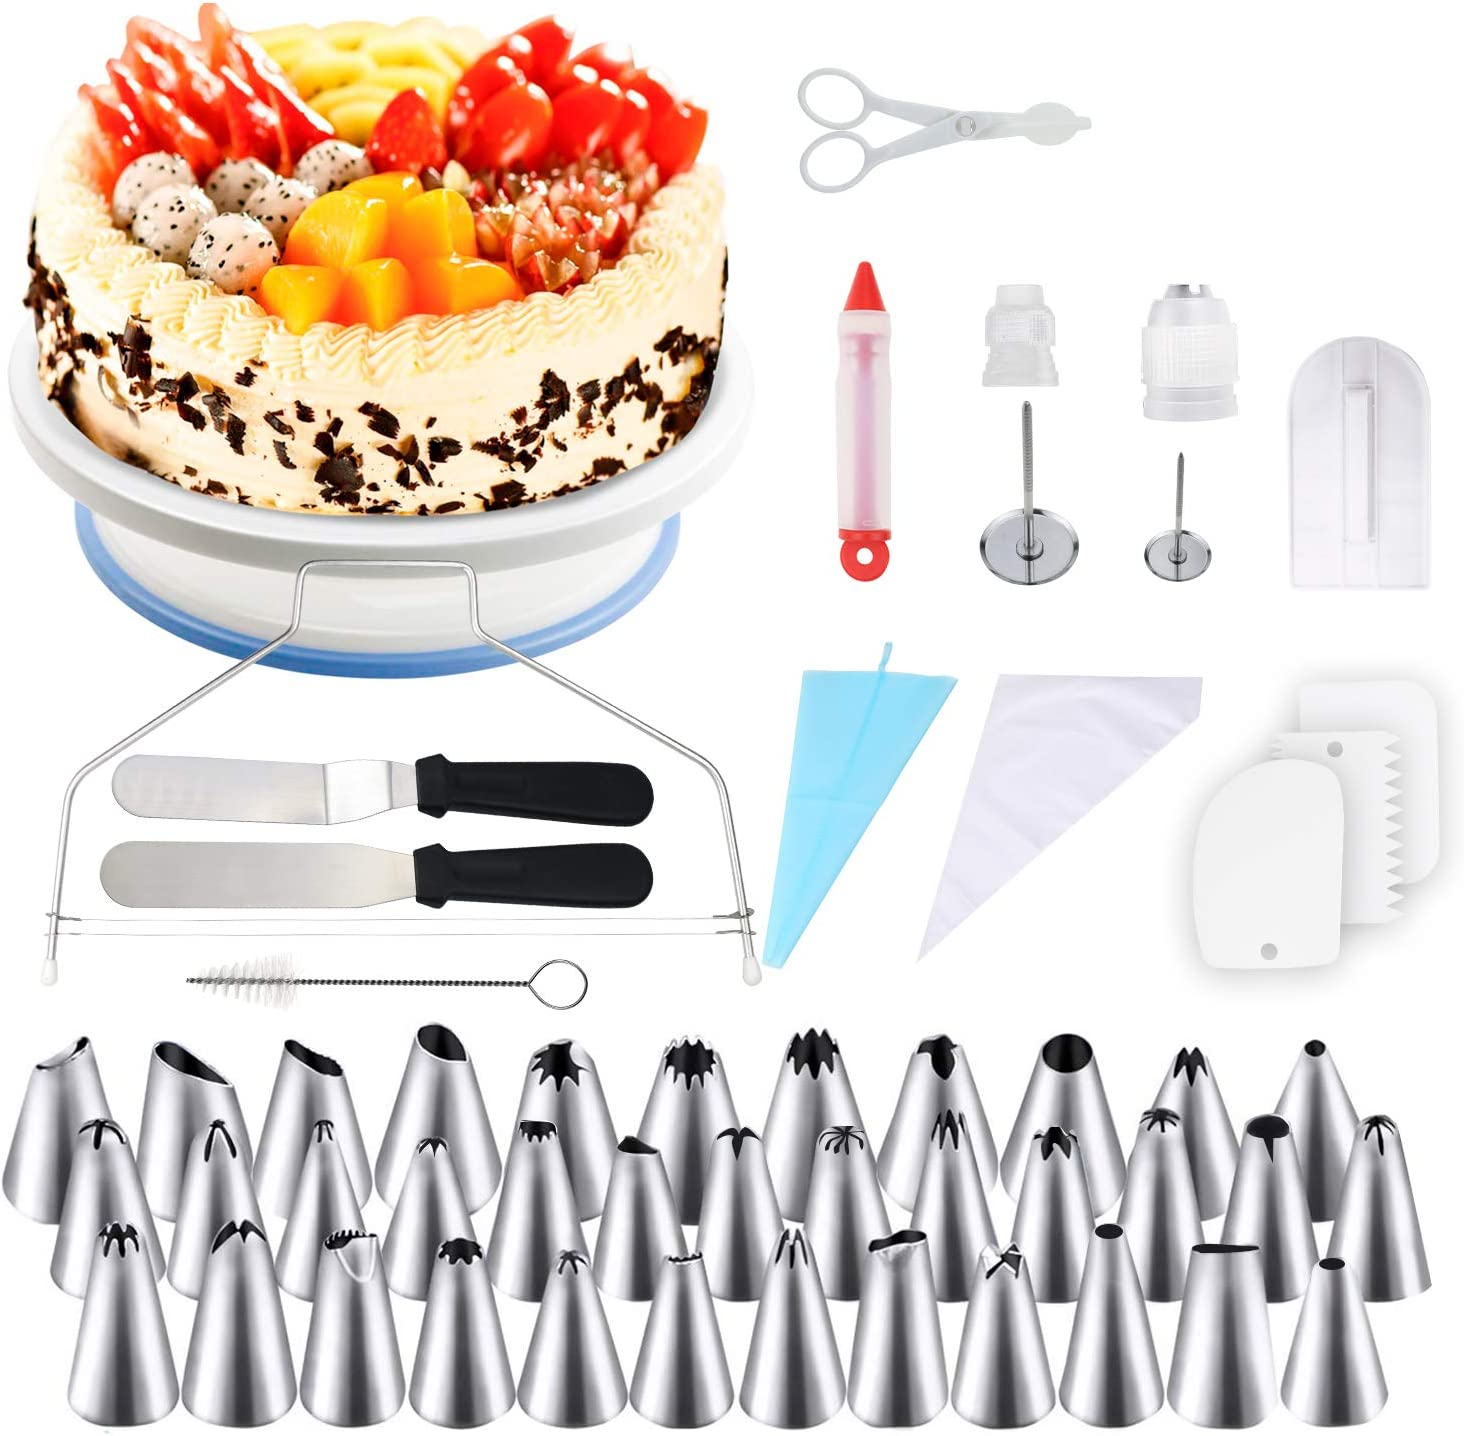 164tlg DIY Kuchen Drehteller Tortenplatte Drehbar Tortenständer Spritztüllen Set